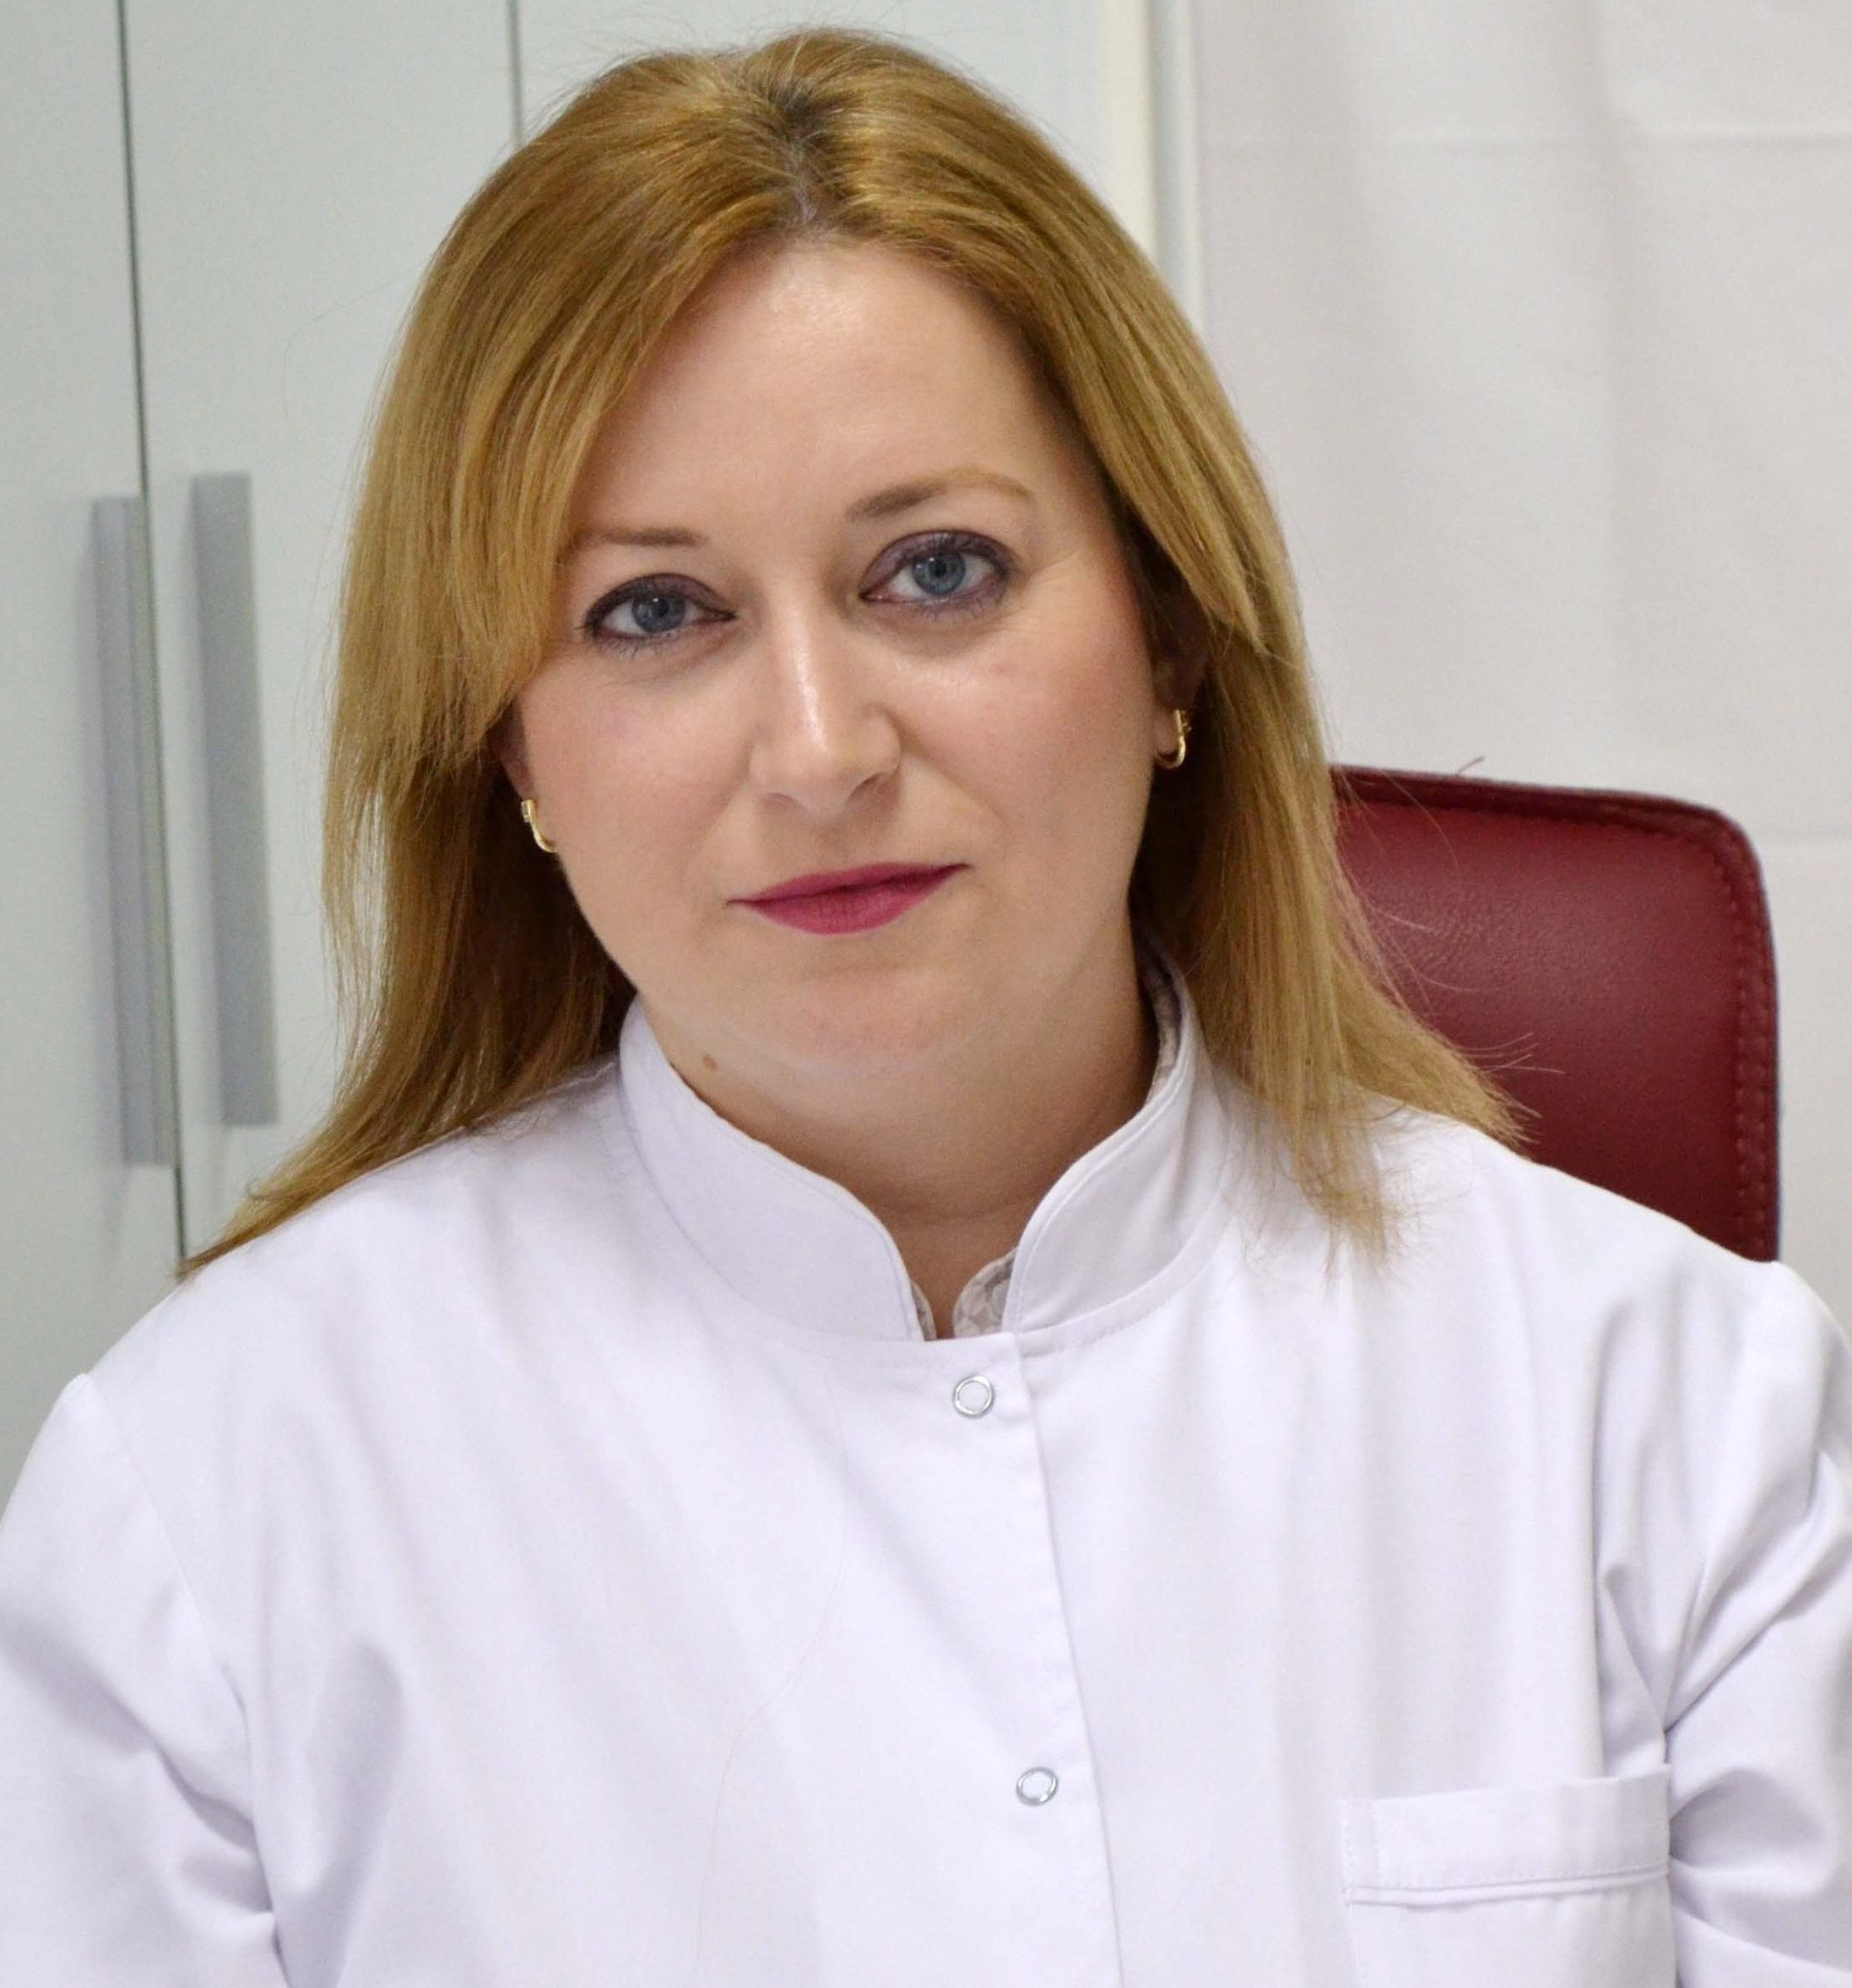 Д-р. Елена Митева Цонева